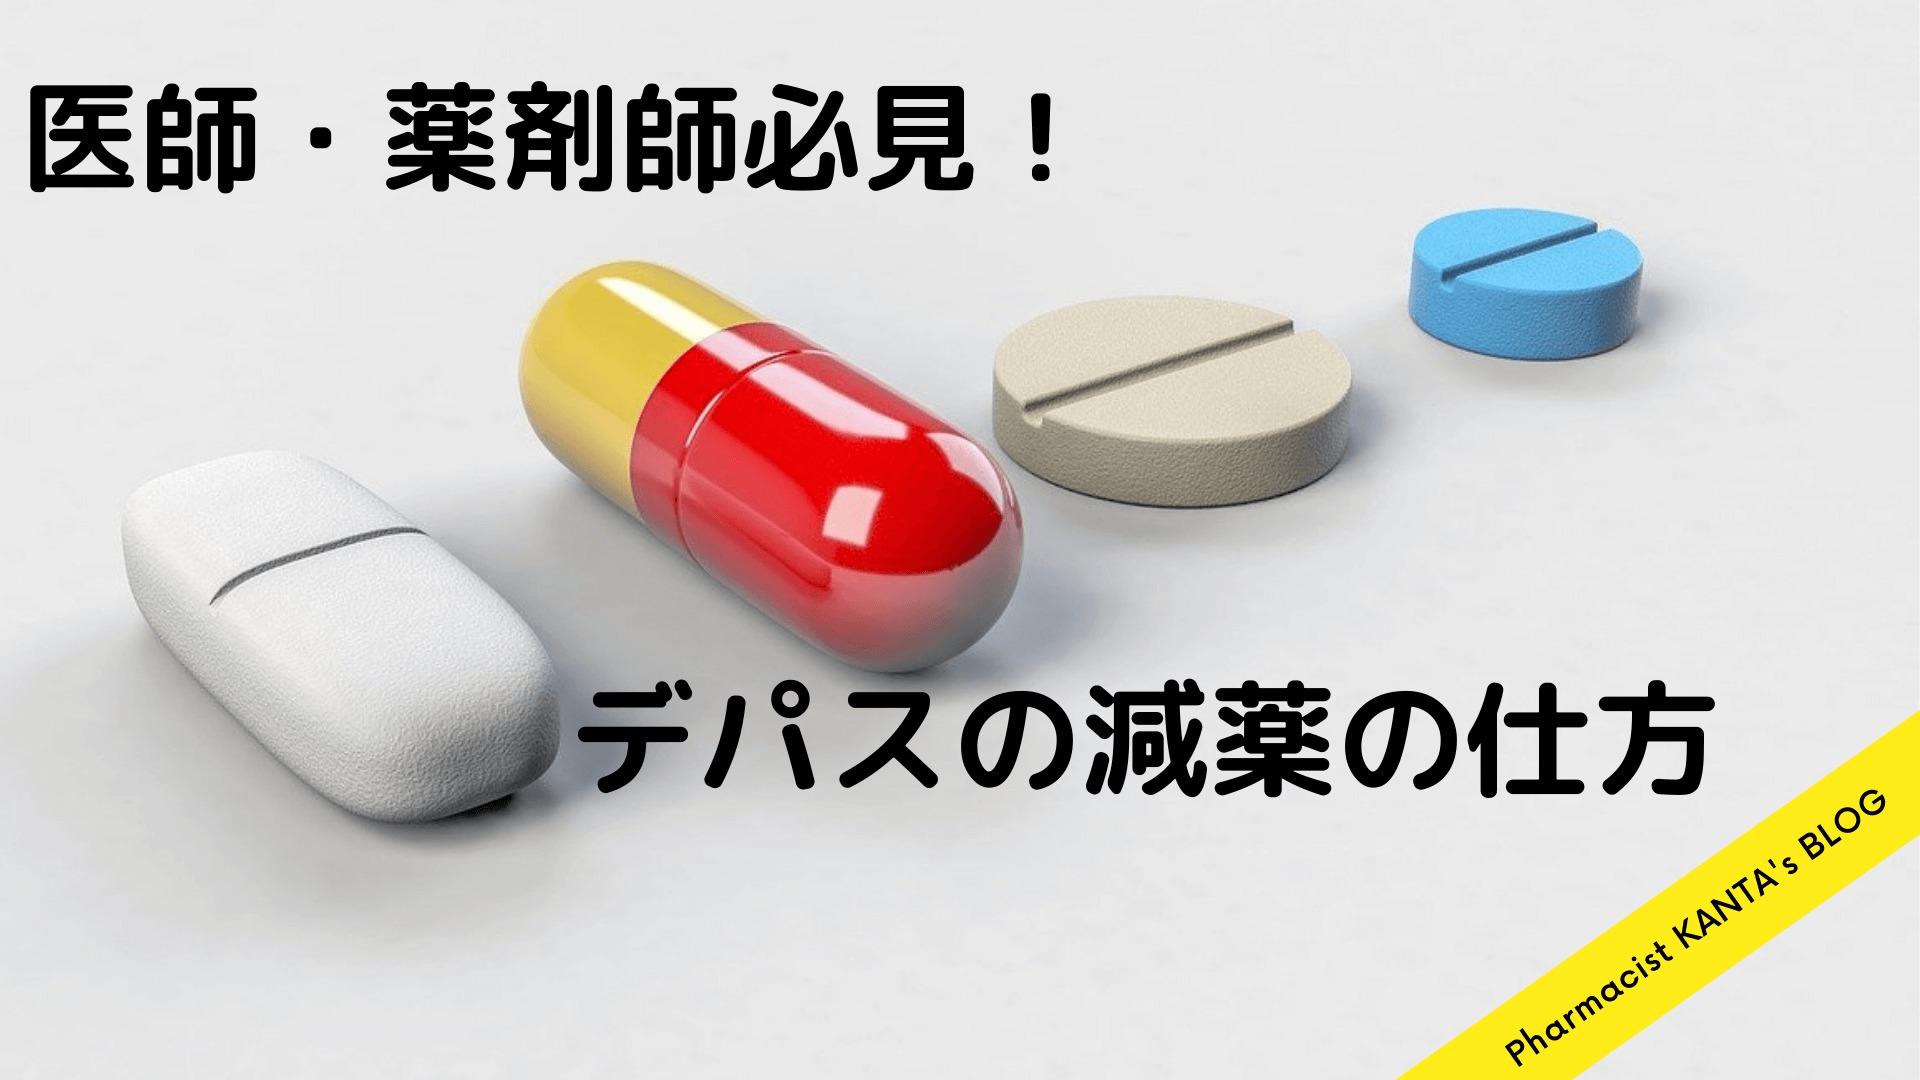 デパスの減薬の仕方